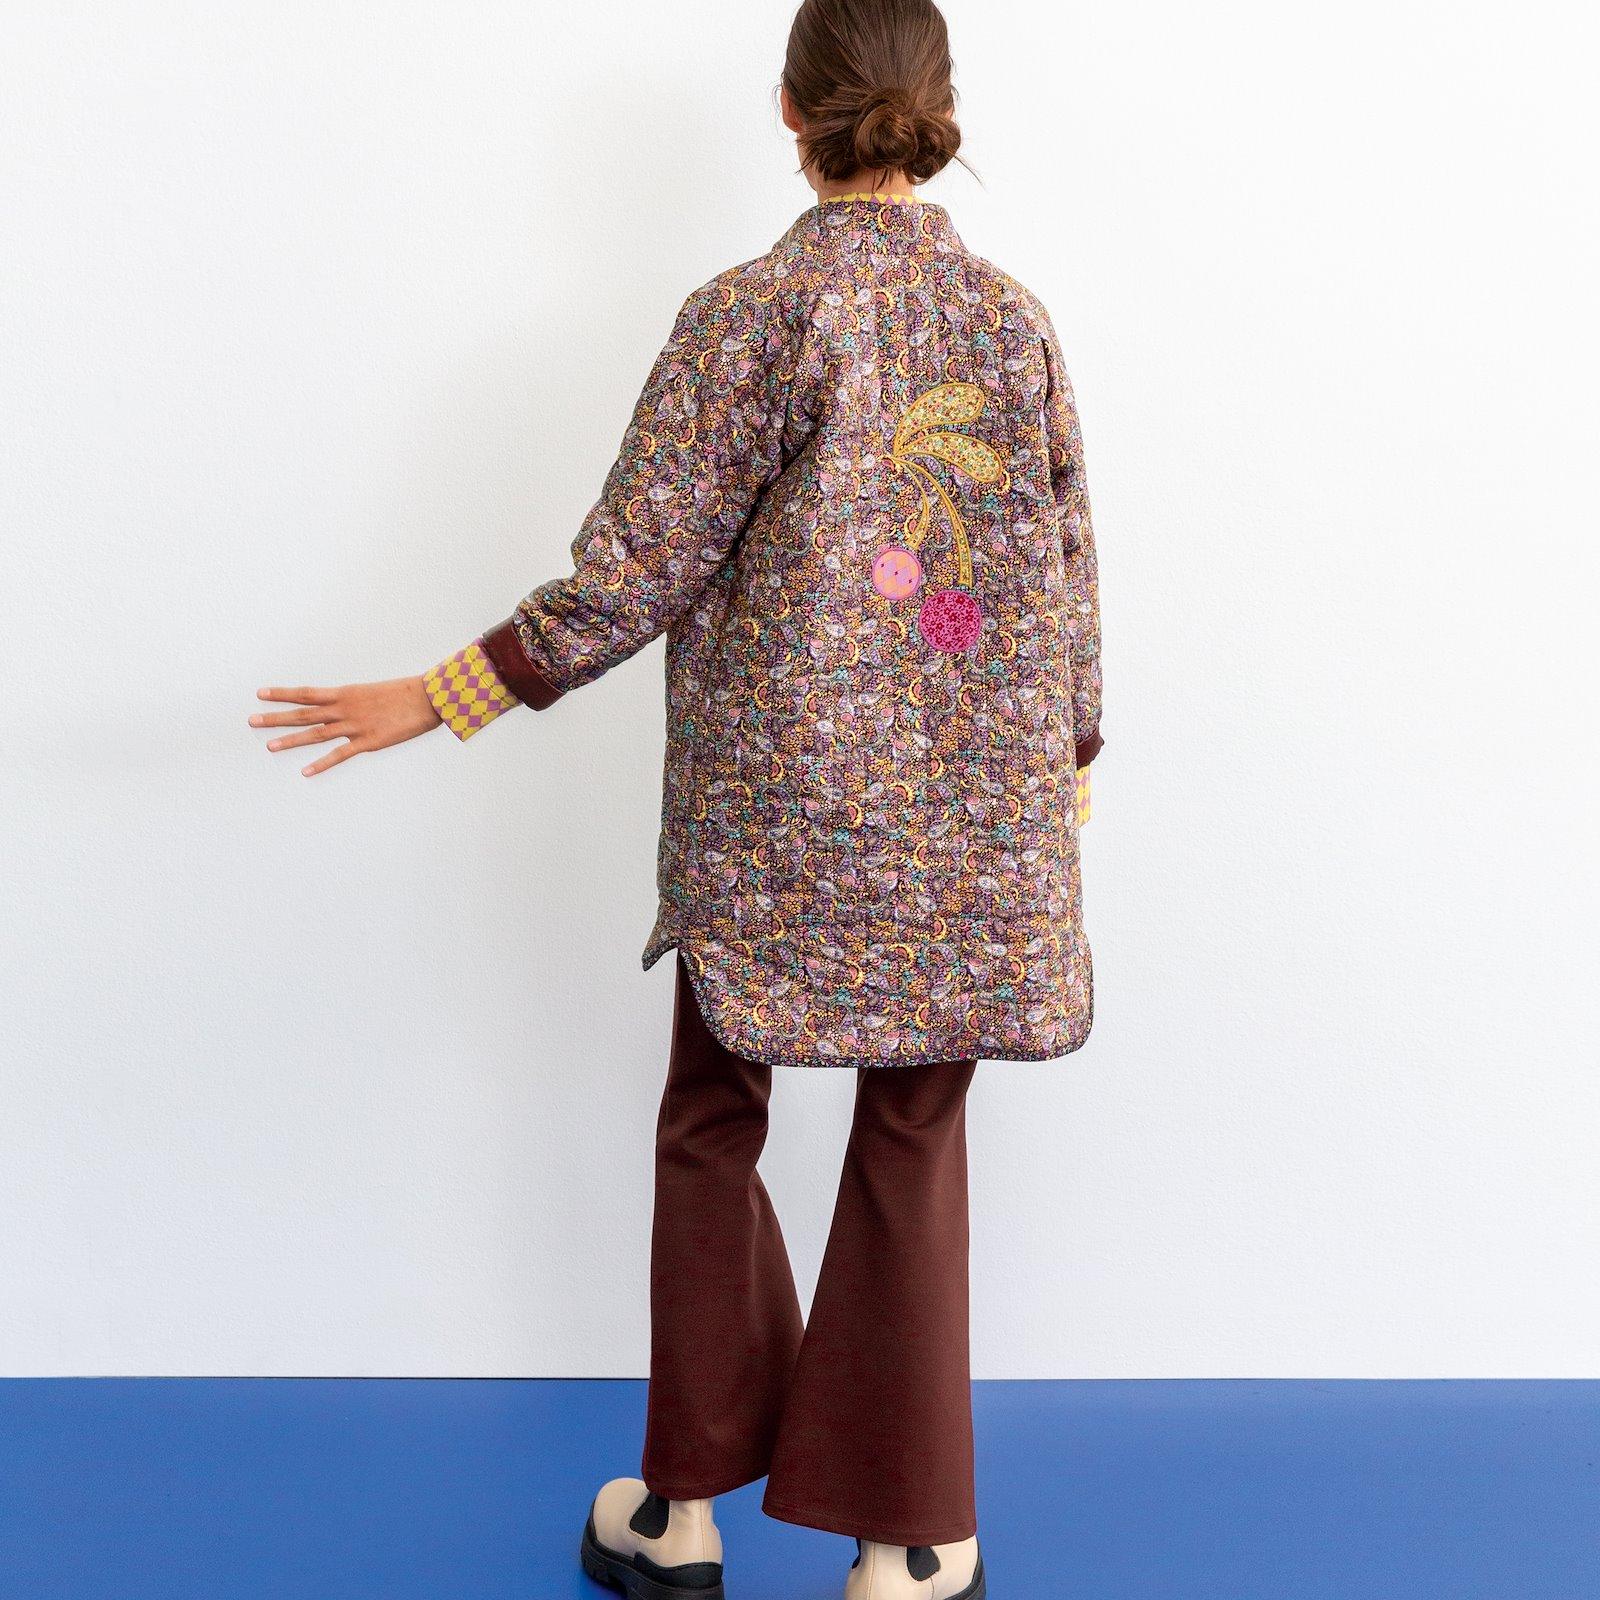 Cotton chestnut brown paisley pattern p64019_852409_22344_9901_7014_DIY1018_852414_852413_852410_p60038_420419_bundle